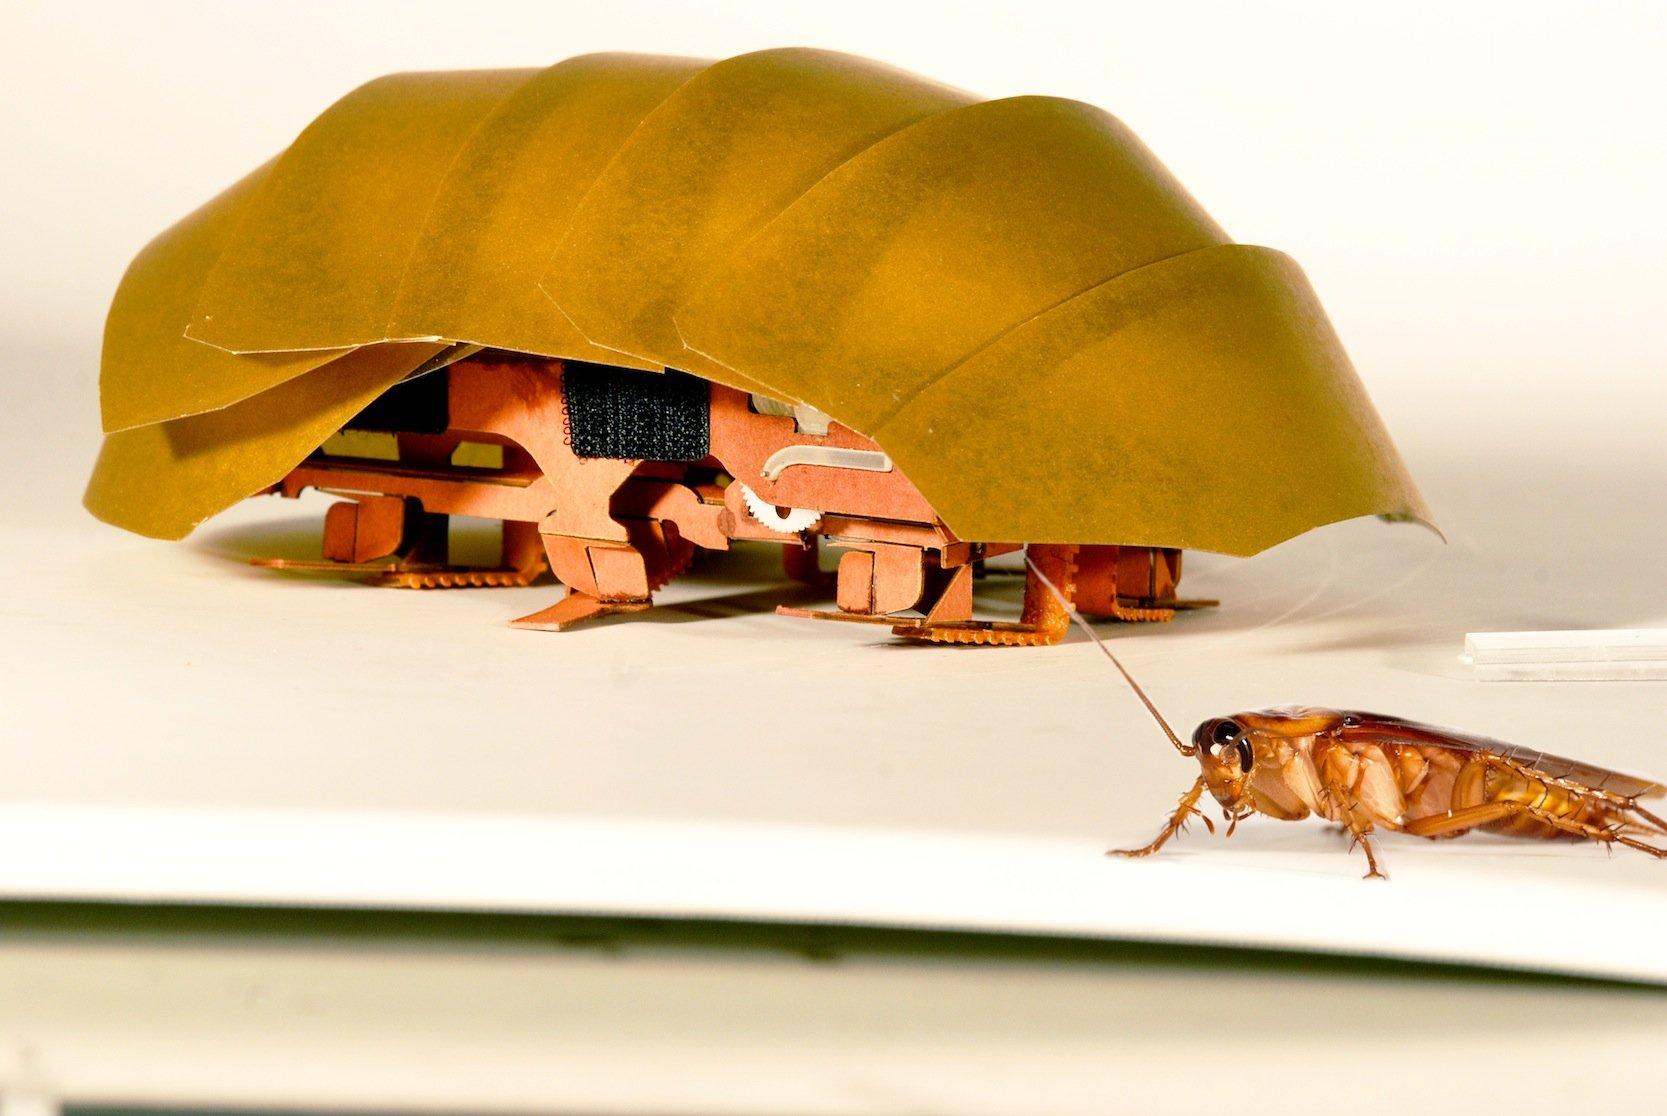 Der handflächengroßeMiniroboter CRAM ist nach dem Vorbild von Kakerlaken gebaut und soll künftig Verschüttete erreichen. Dabei könnten Sie auch klären, ob beispielsweise Schuttberge stabil genug sind, damit auch Helfer vordringen können.